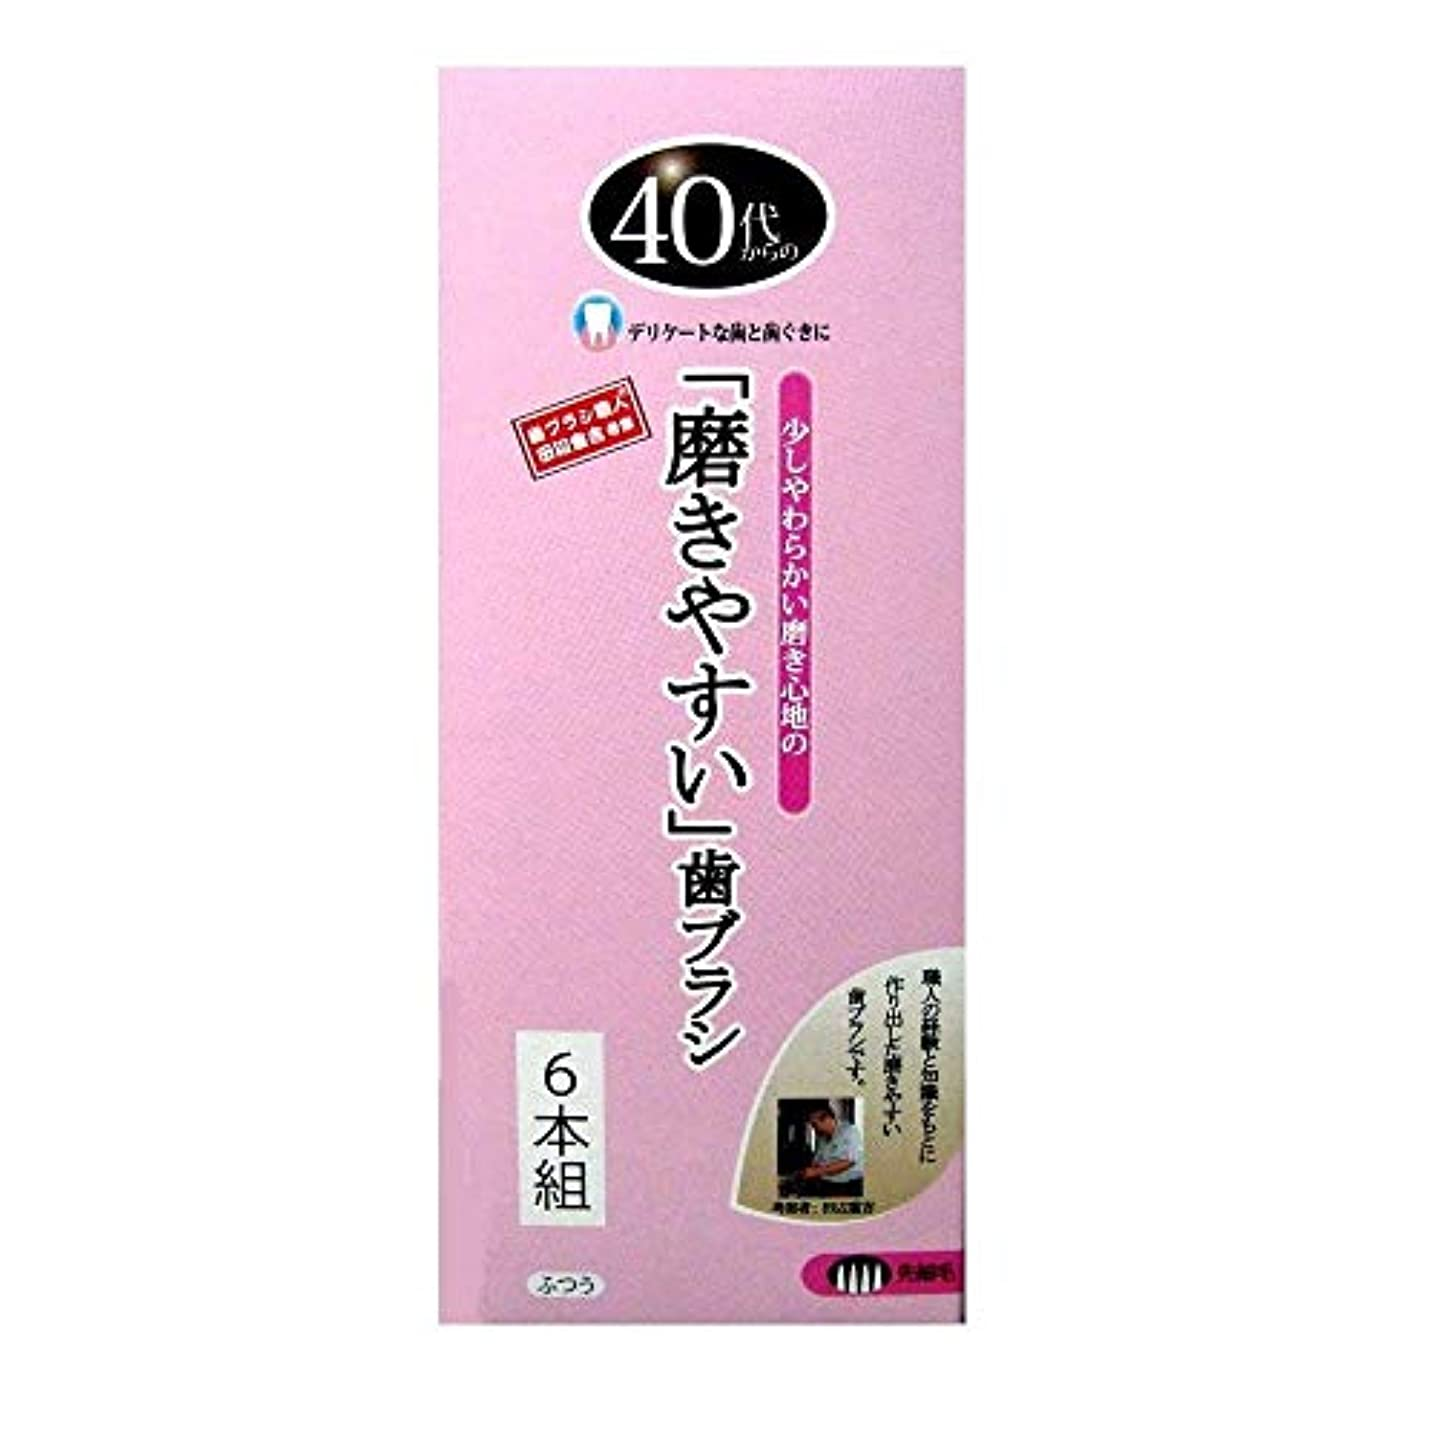 シンプルさ引退したたっぷり歯ブラシ職人 Artooth ® 田辺重吉の磨きやすい 40代からの歯ブラシ 歯ぐきにやさしい 細めの毛 先細毛 日本製 6本セットLT-15-6